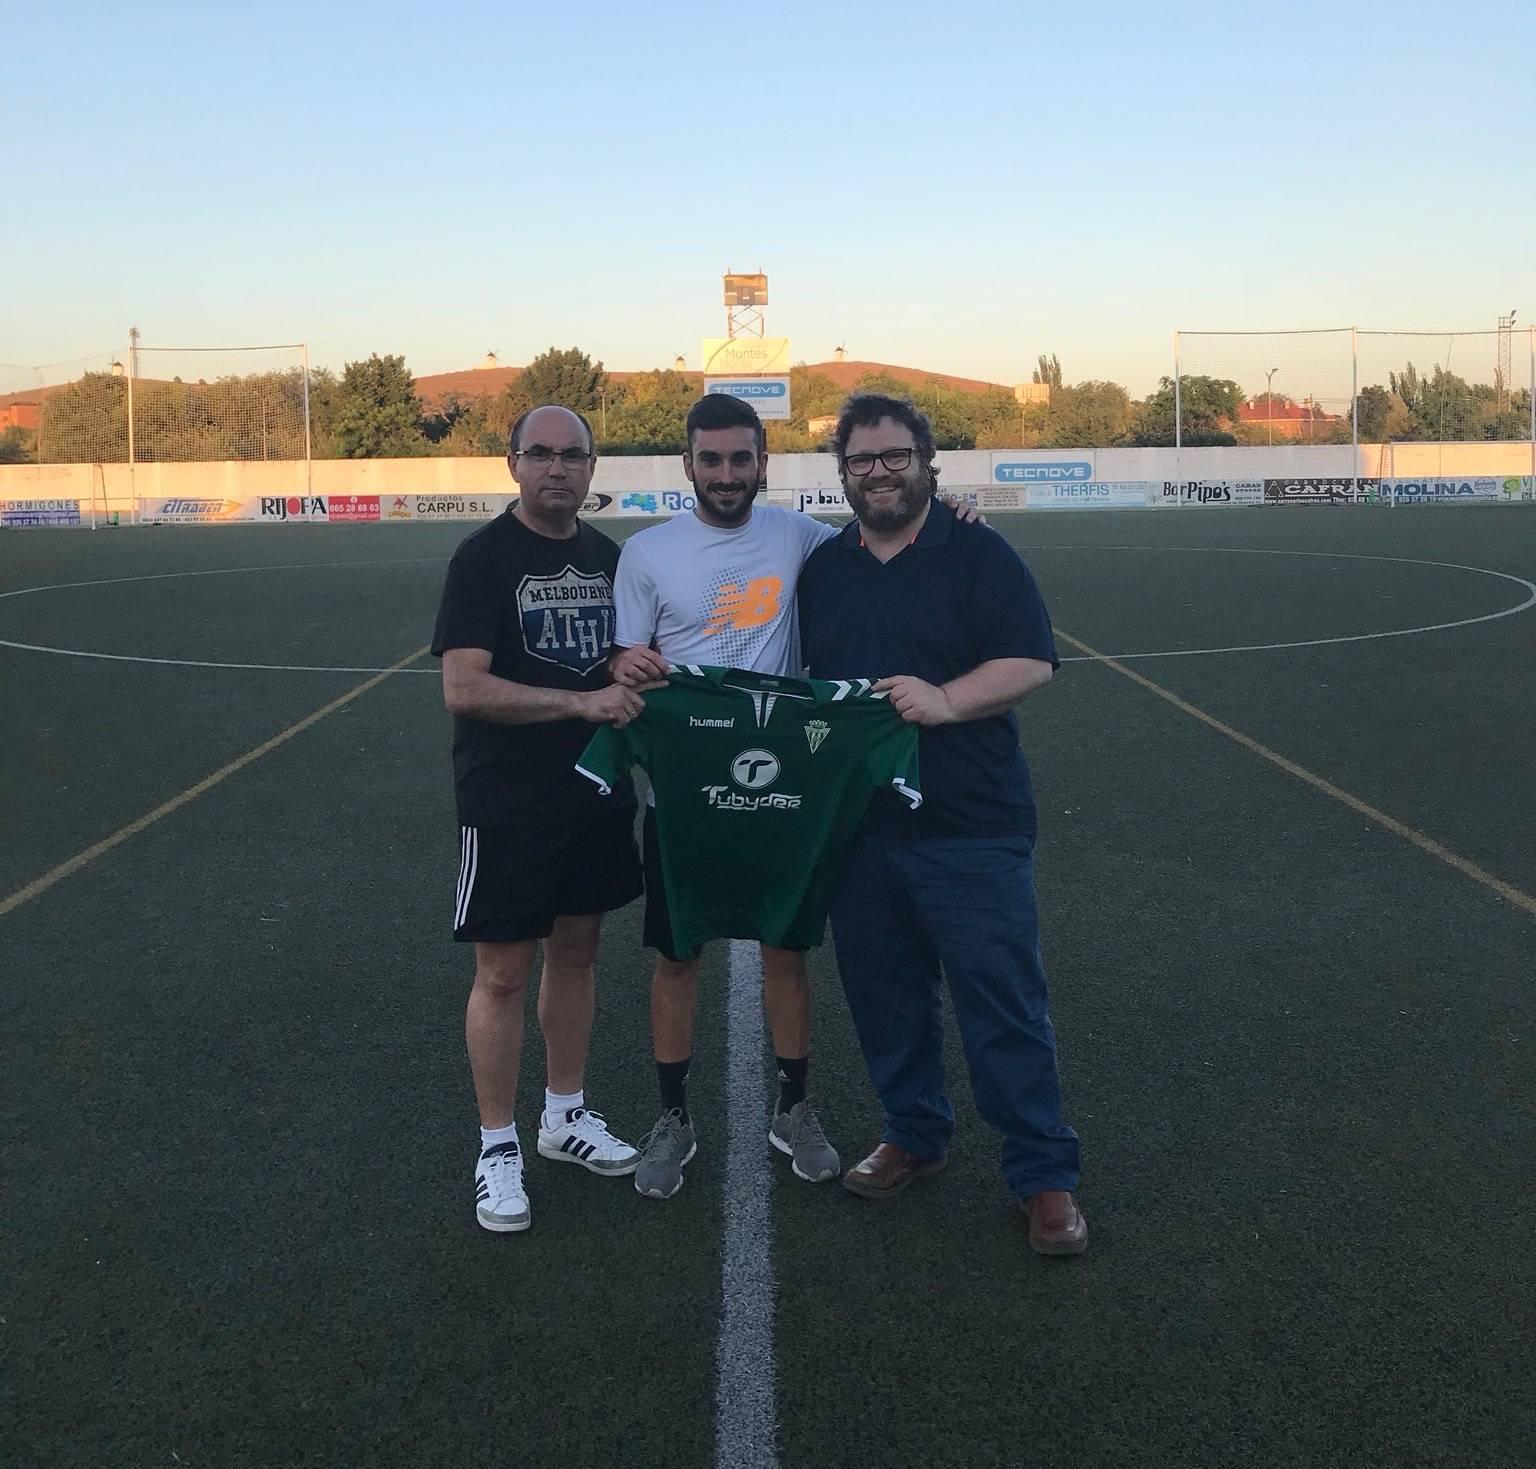 jose romero renovado herencia futbol cf - Herencia C.F. renueva por 5ª temporada a José Romero